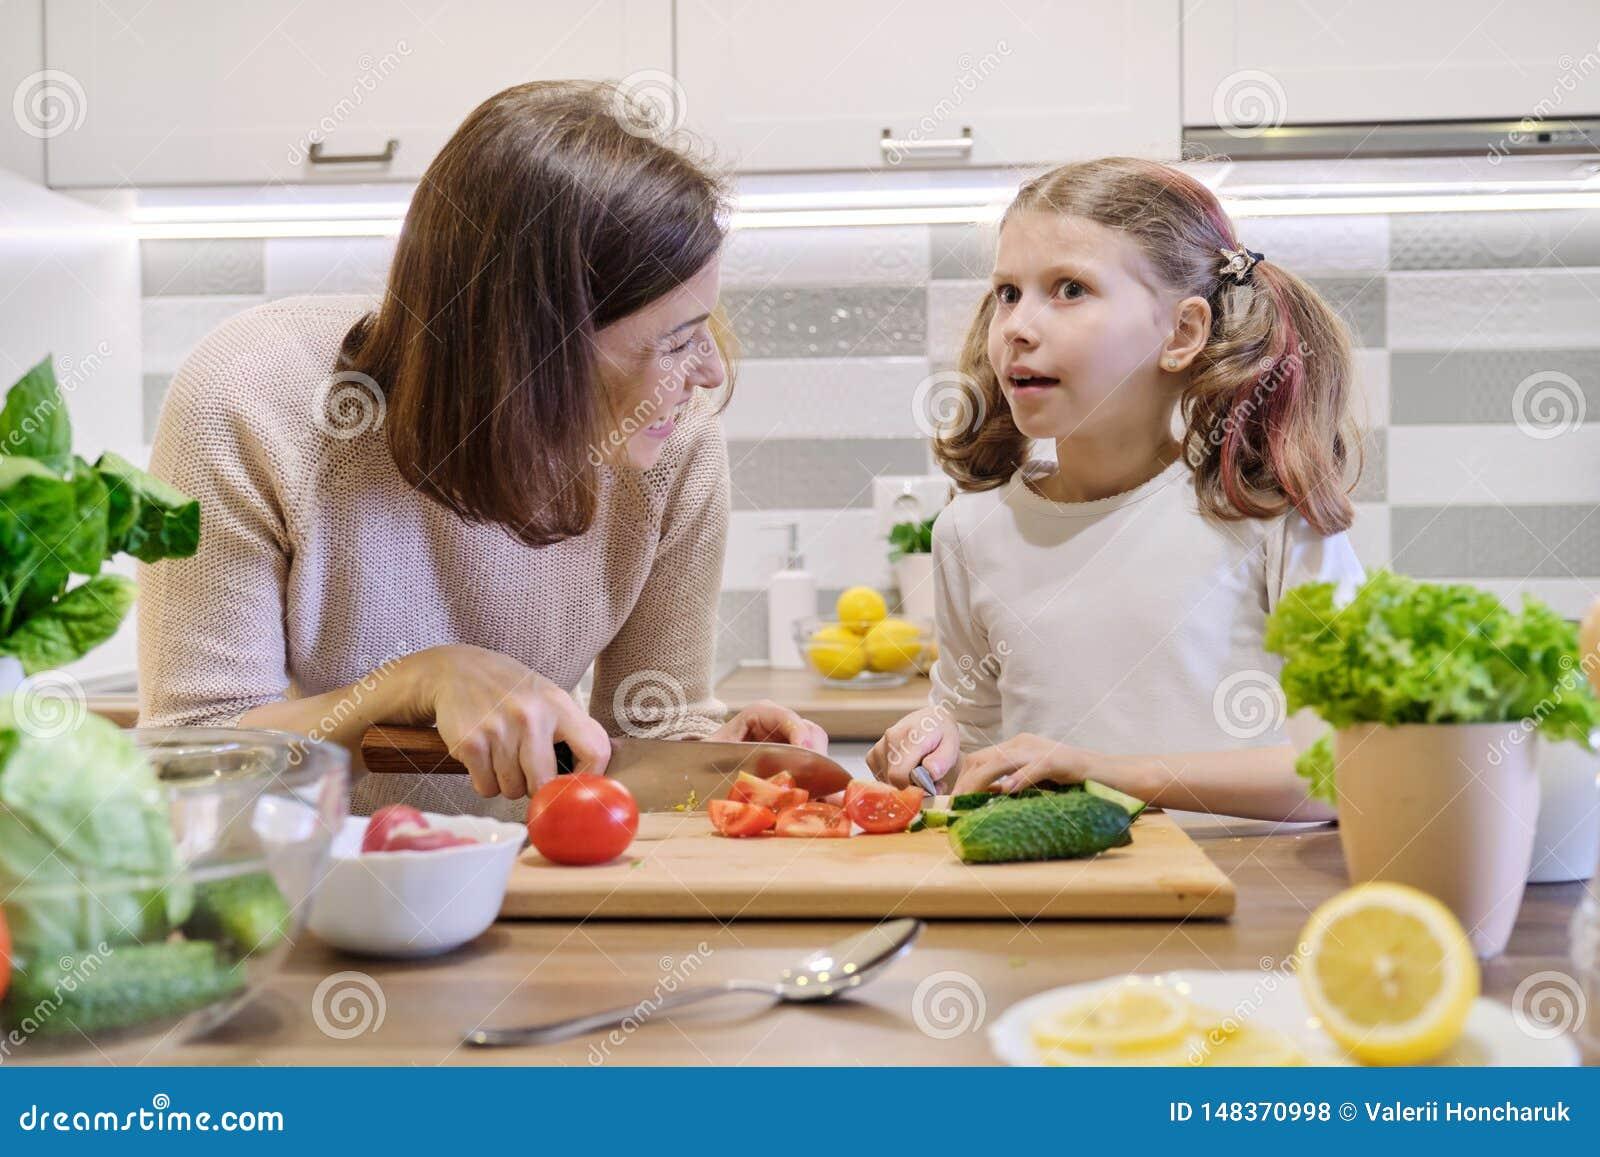 Το μαγείρεμα μητέρων και κορών μαζί σαλάτα, το γονέα και το παιδί κουζινών στη φυτική μιλά το χαμόγελο